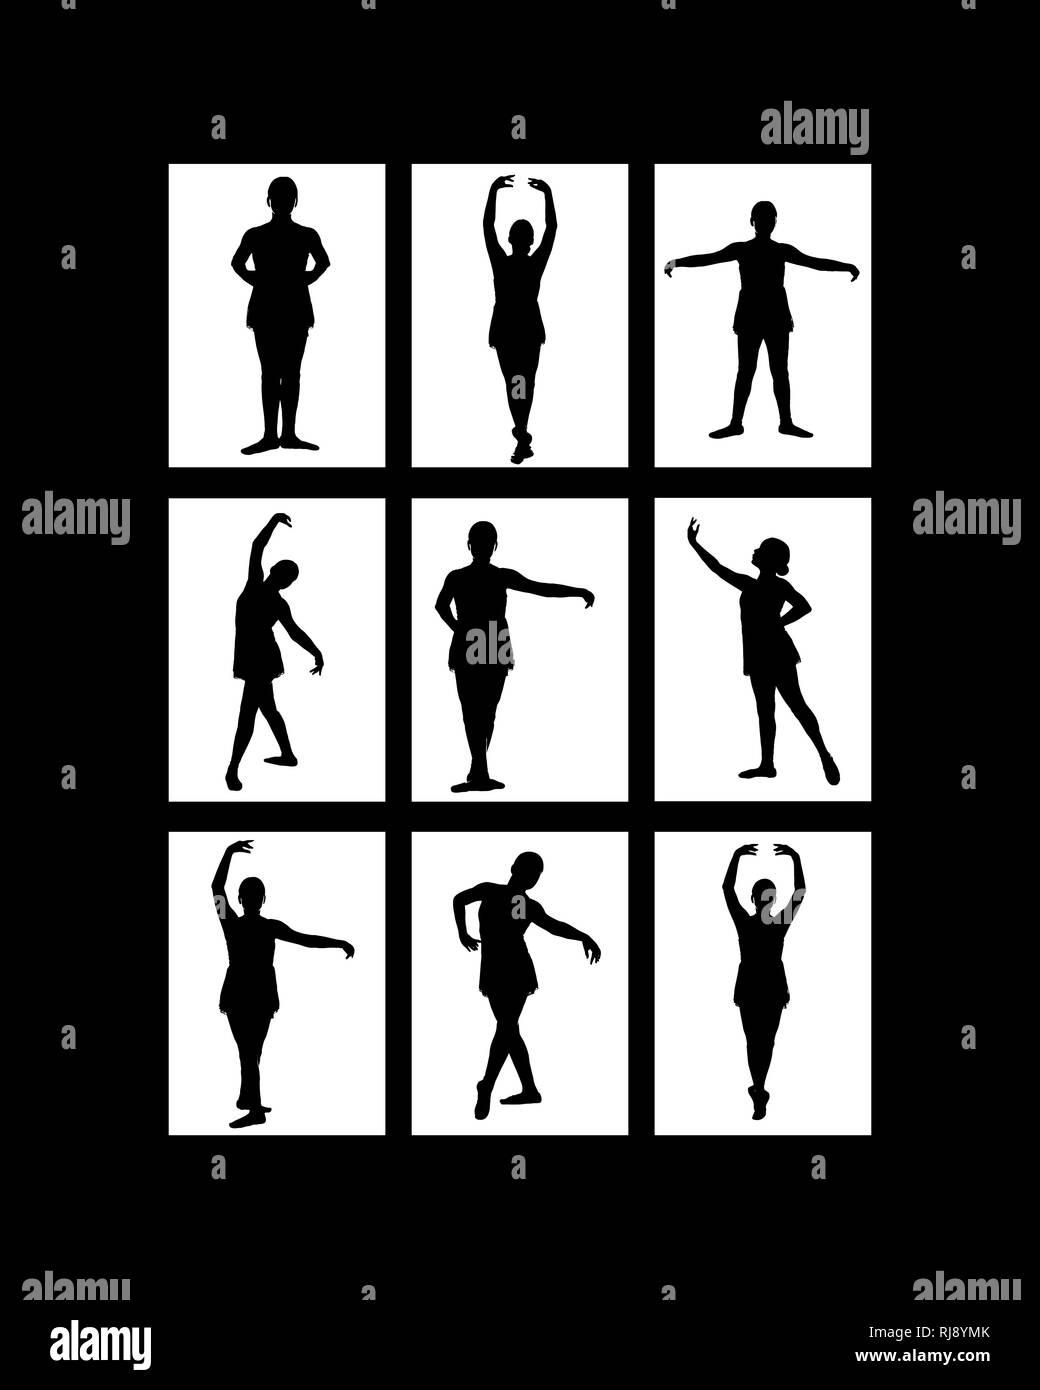 Neuf des images dans l'image - silhouette noire de jeunes femmes de l'adolescence sur fond blanc dans diverses poses de ballet classique et contemporain - pré pointe dans Photo Stock